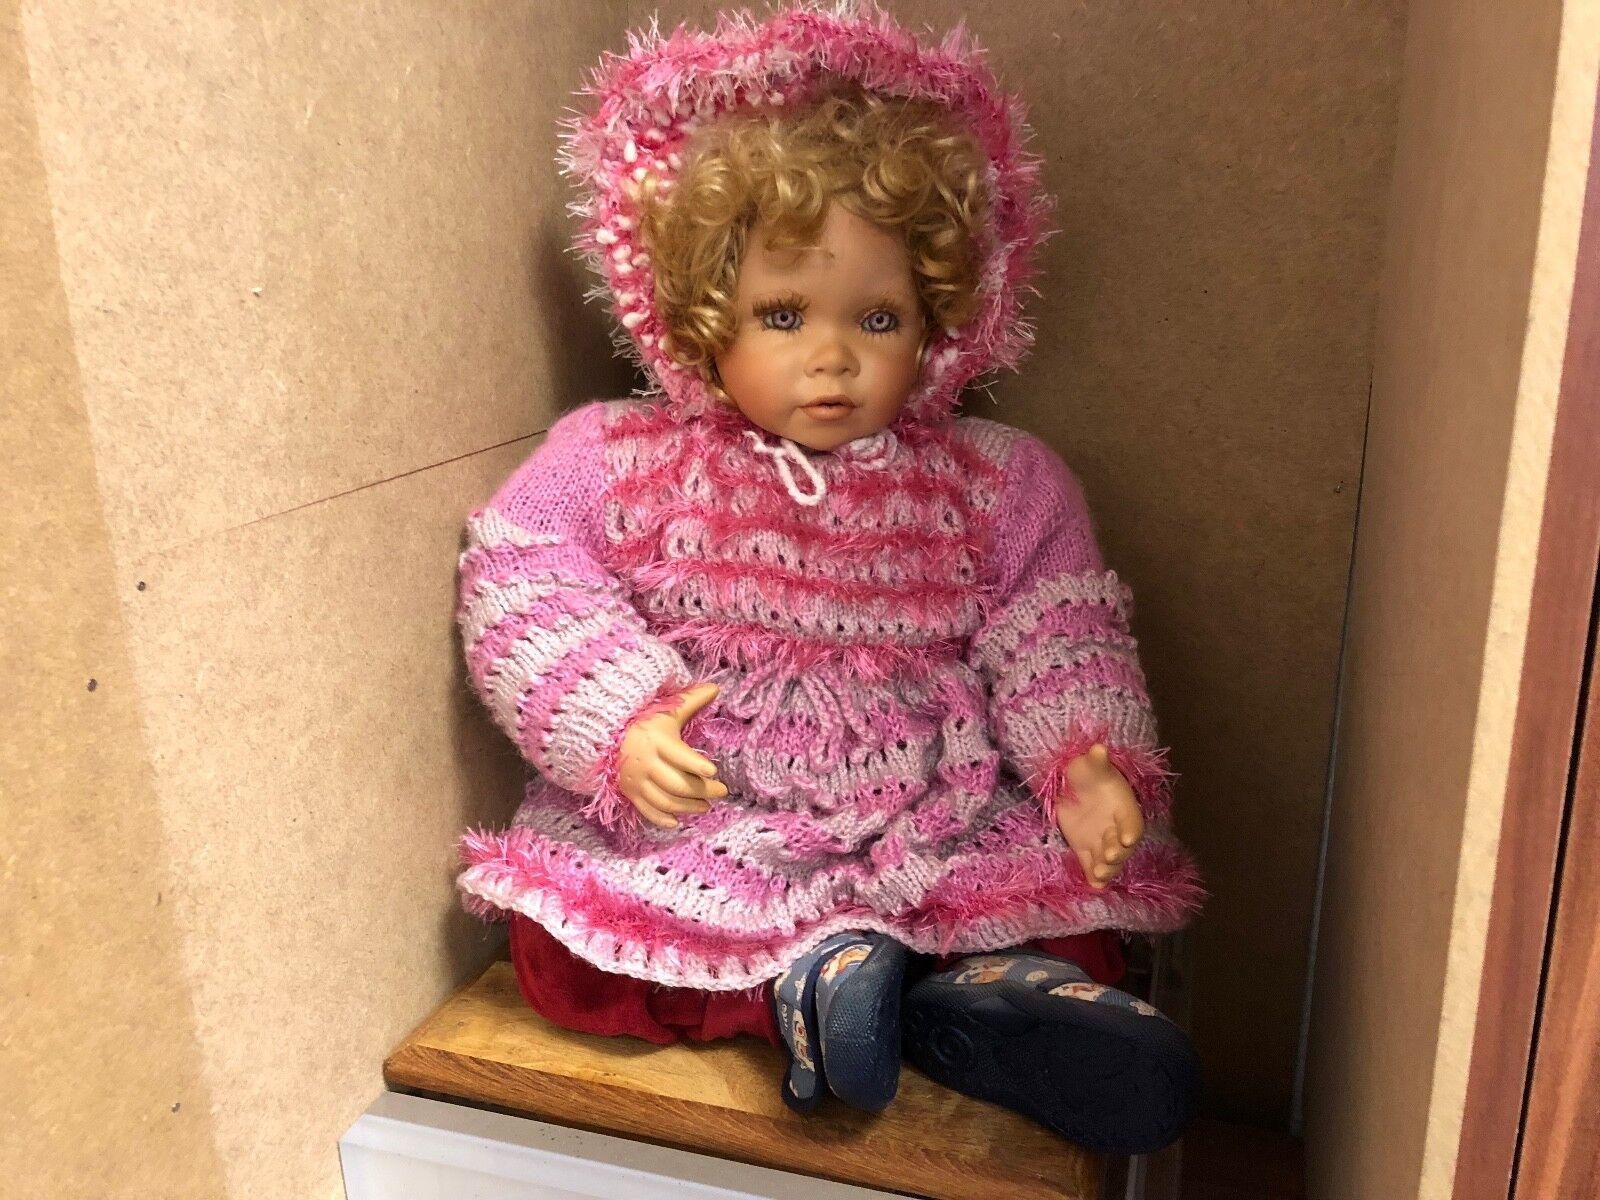 Angeli Paradiso Bambola D'Autore Porcellana Bambola 62 Cm. Ottime Condizioni